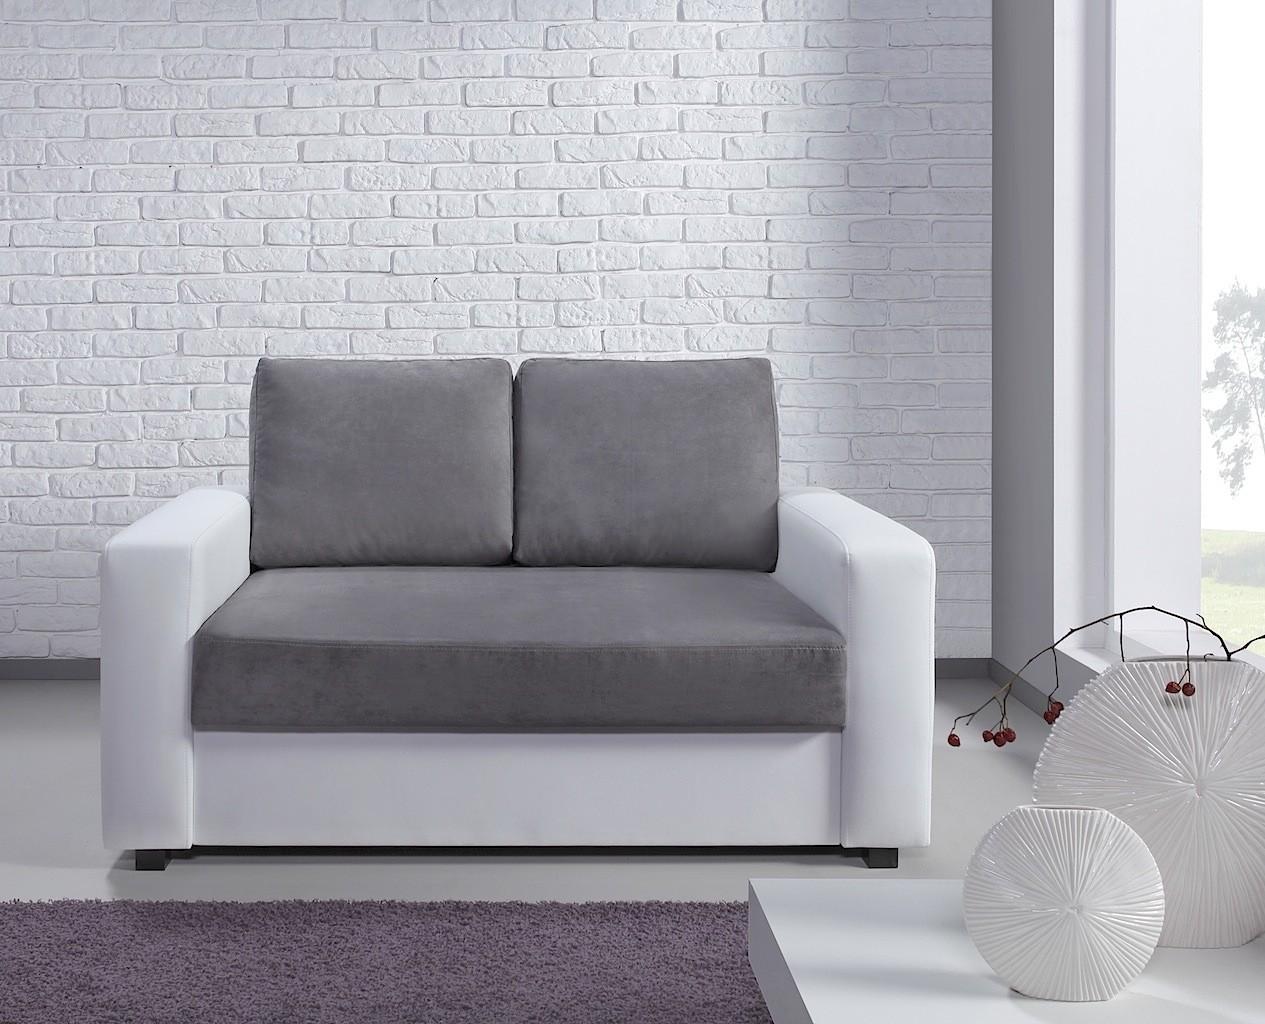 Canapé 2 places Esther blanc et gris